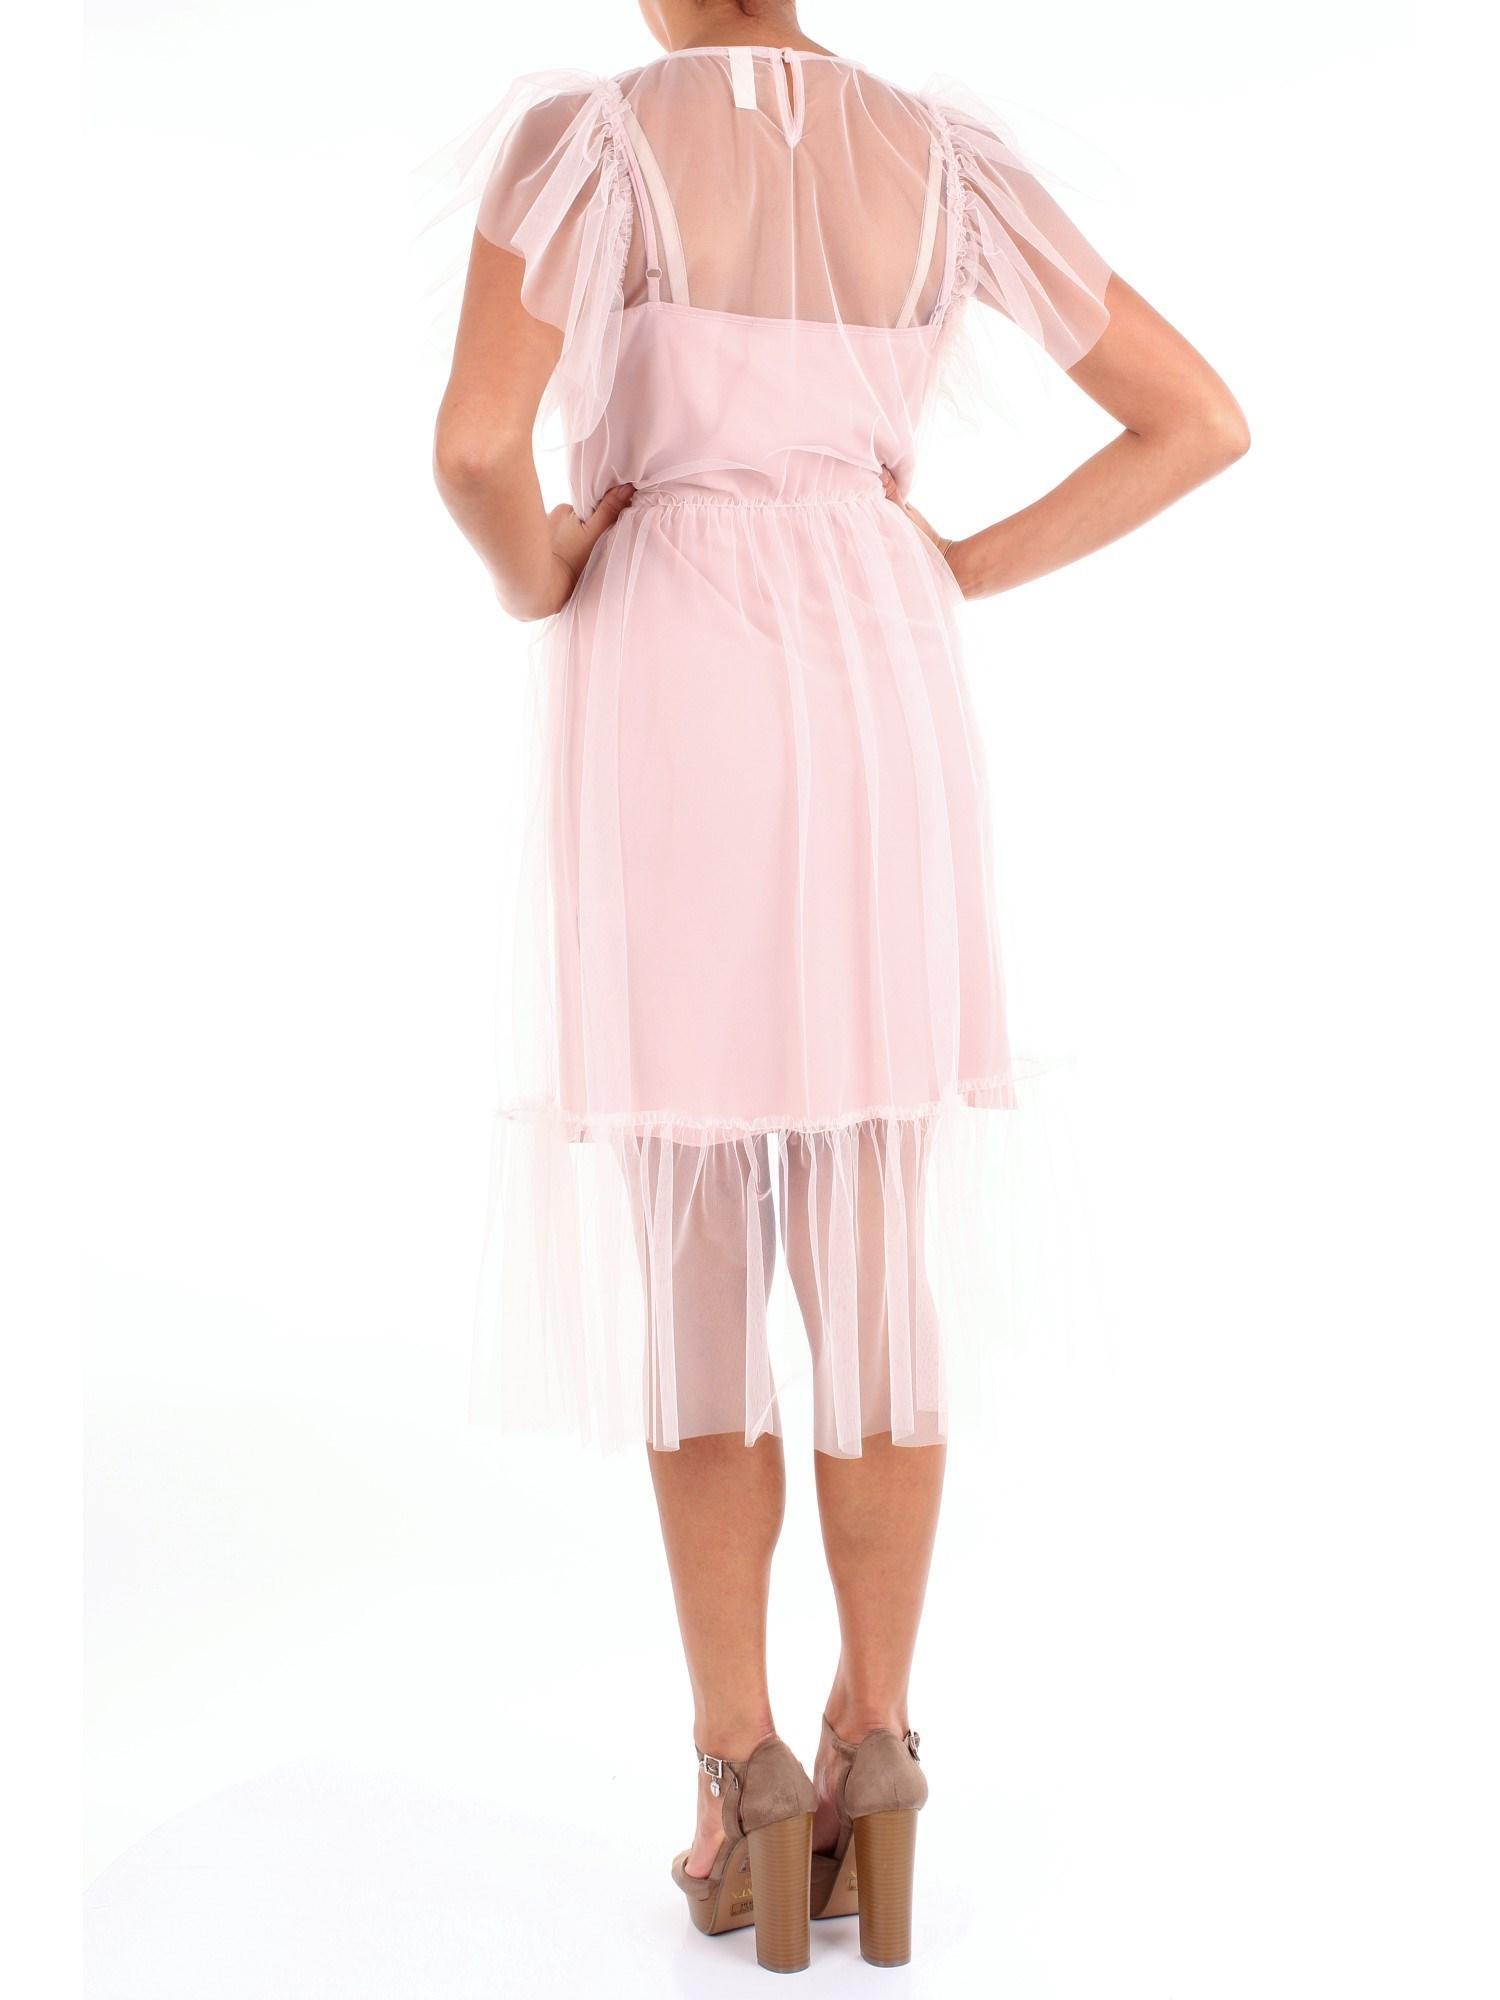 Robes court Souvenir Clubbing en coloris Rose